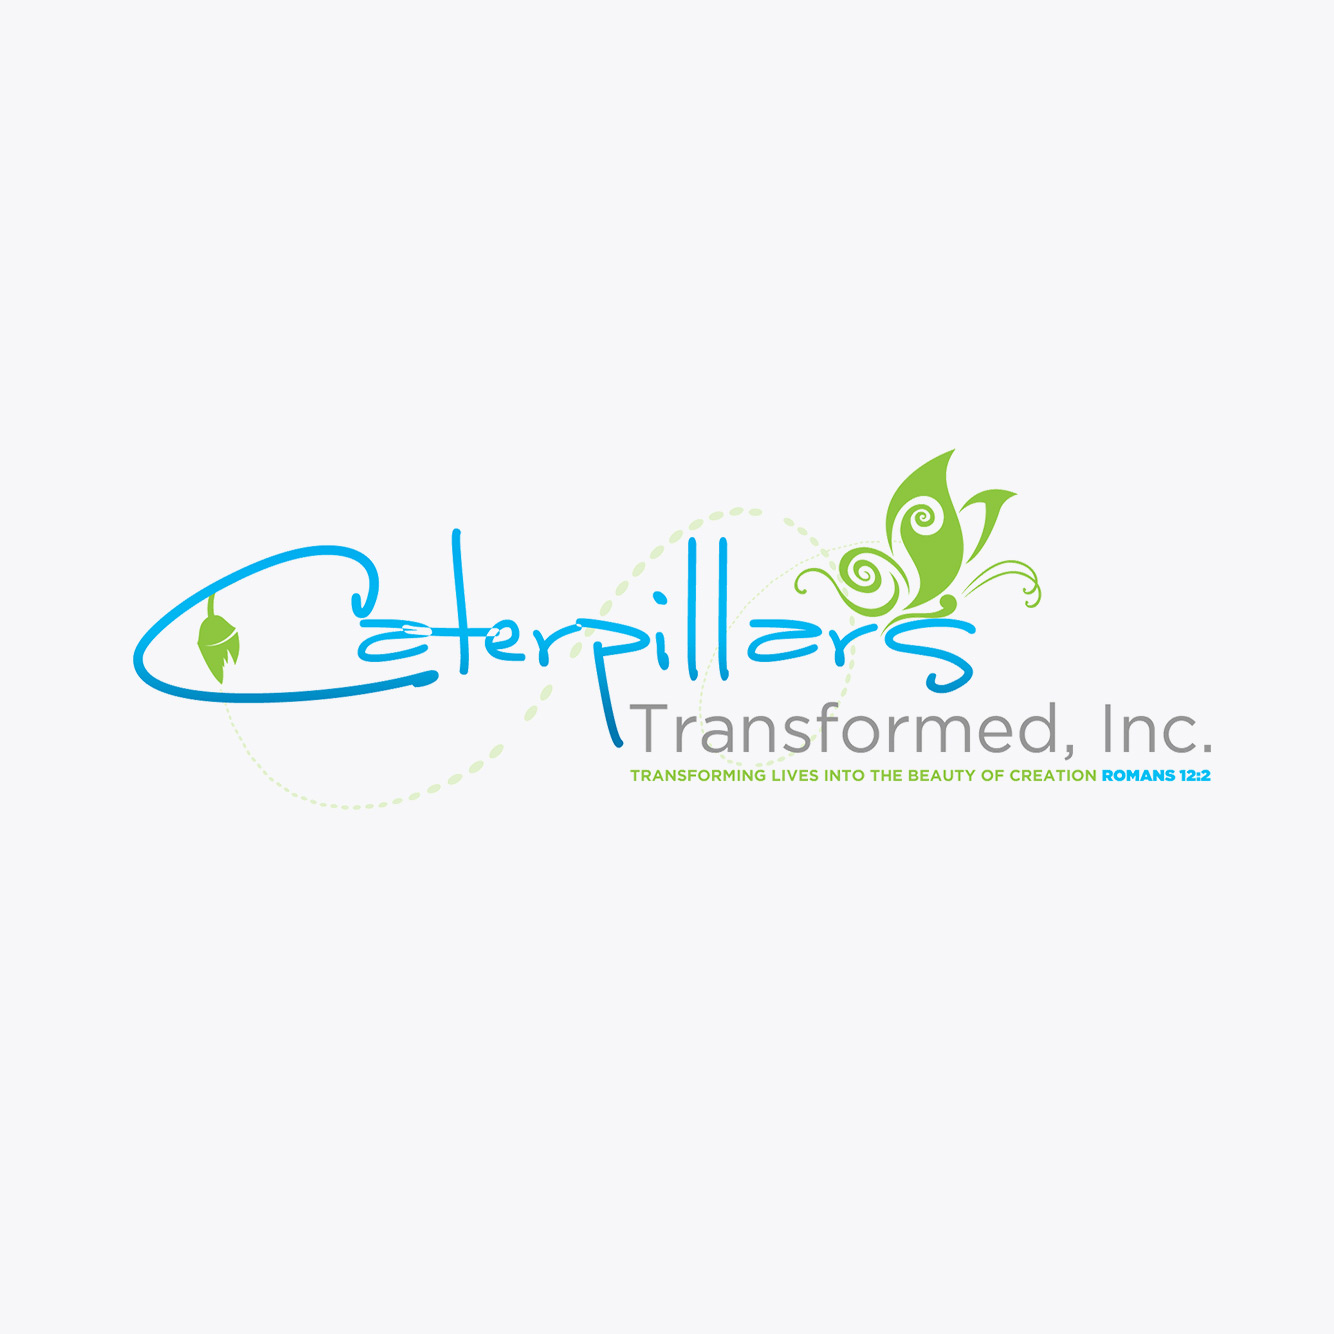 caterpillars transformed -